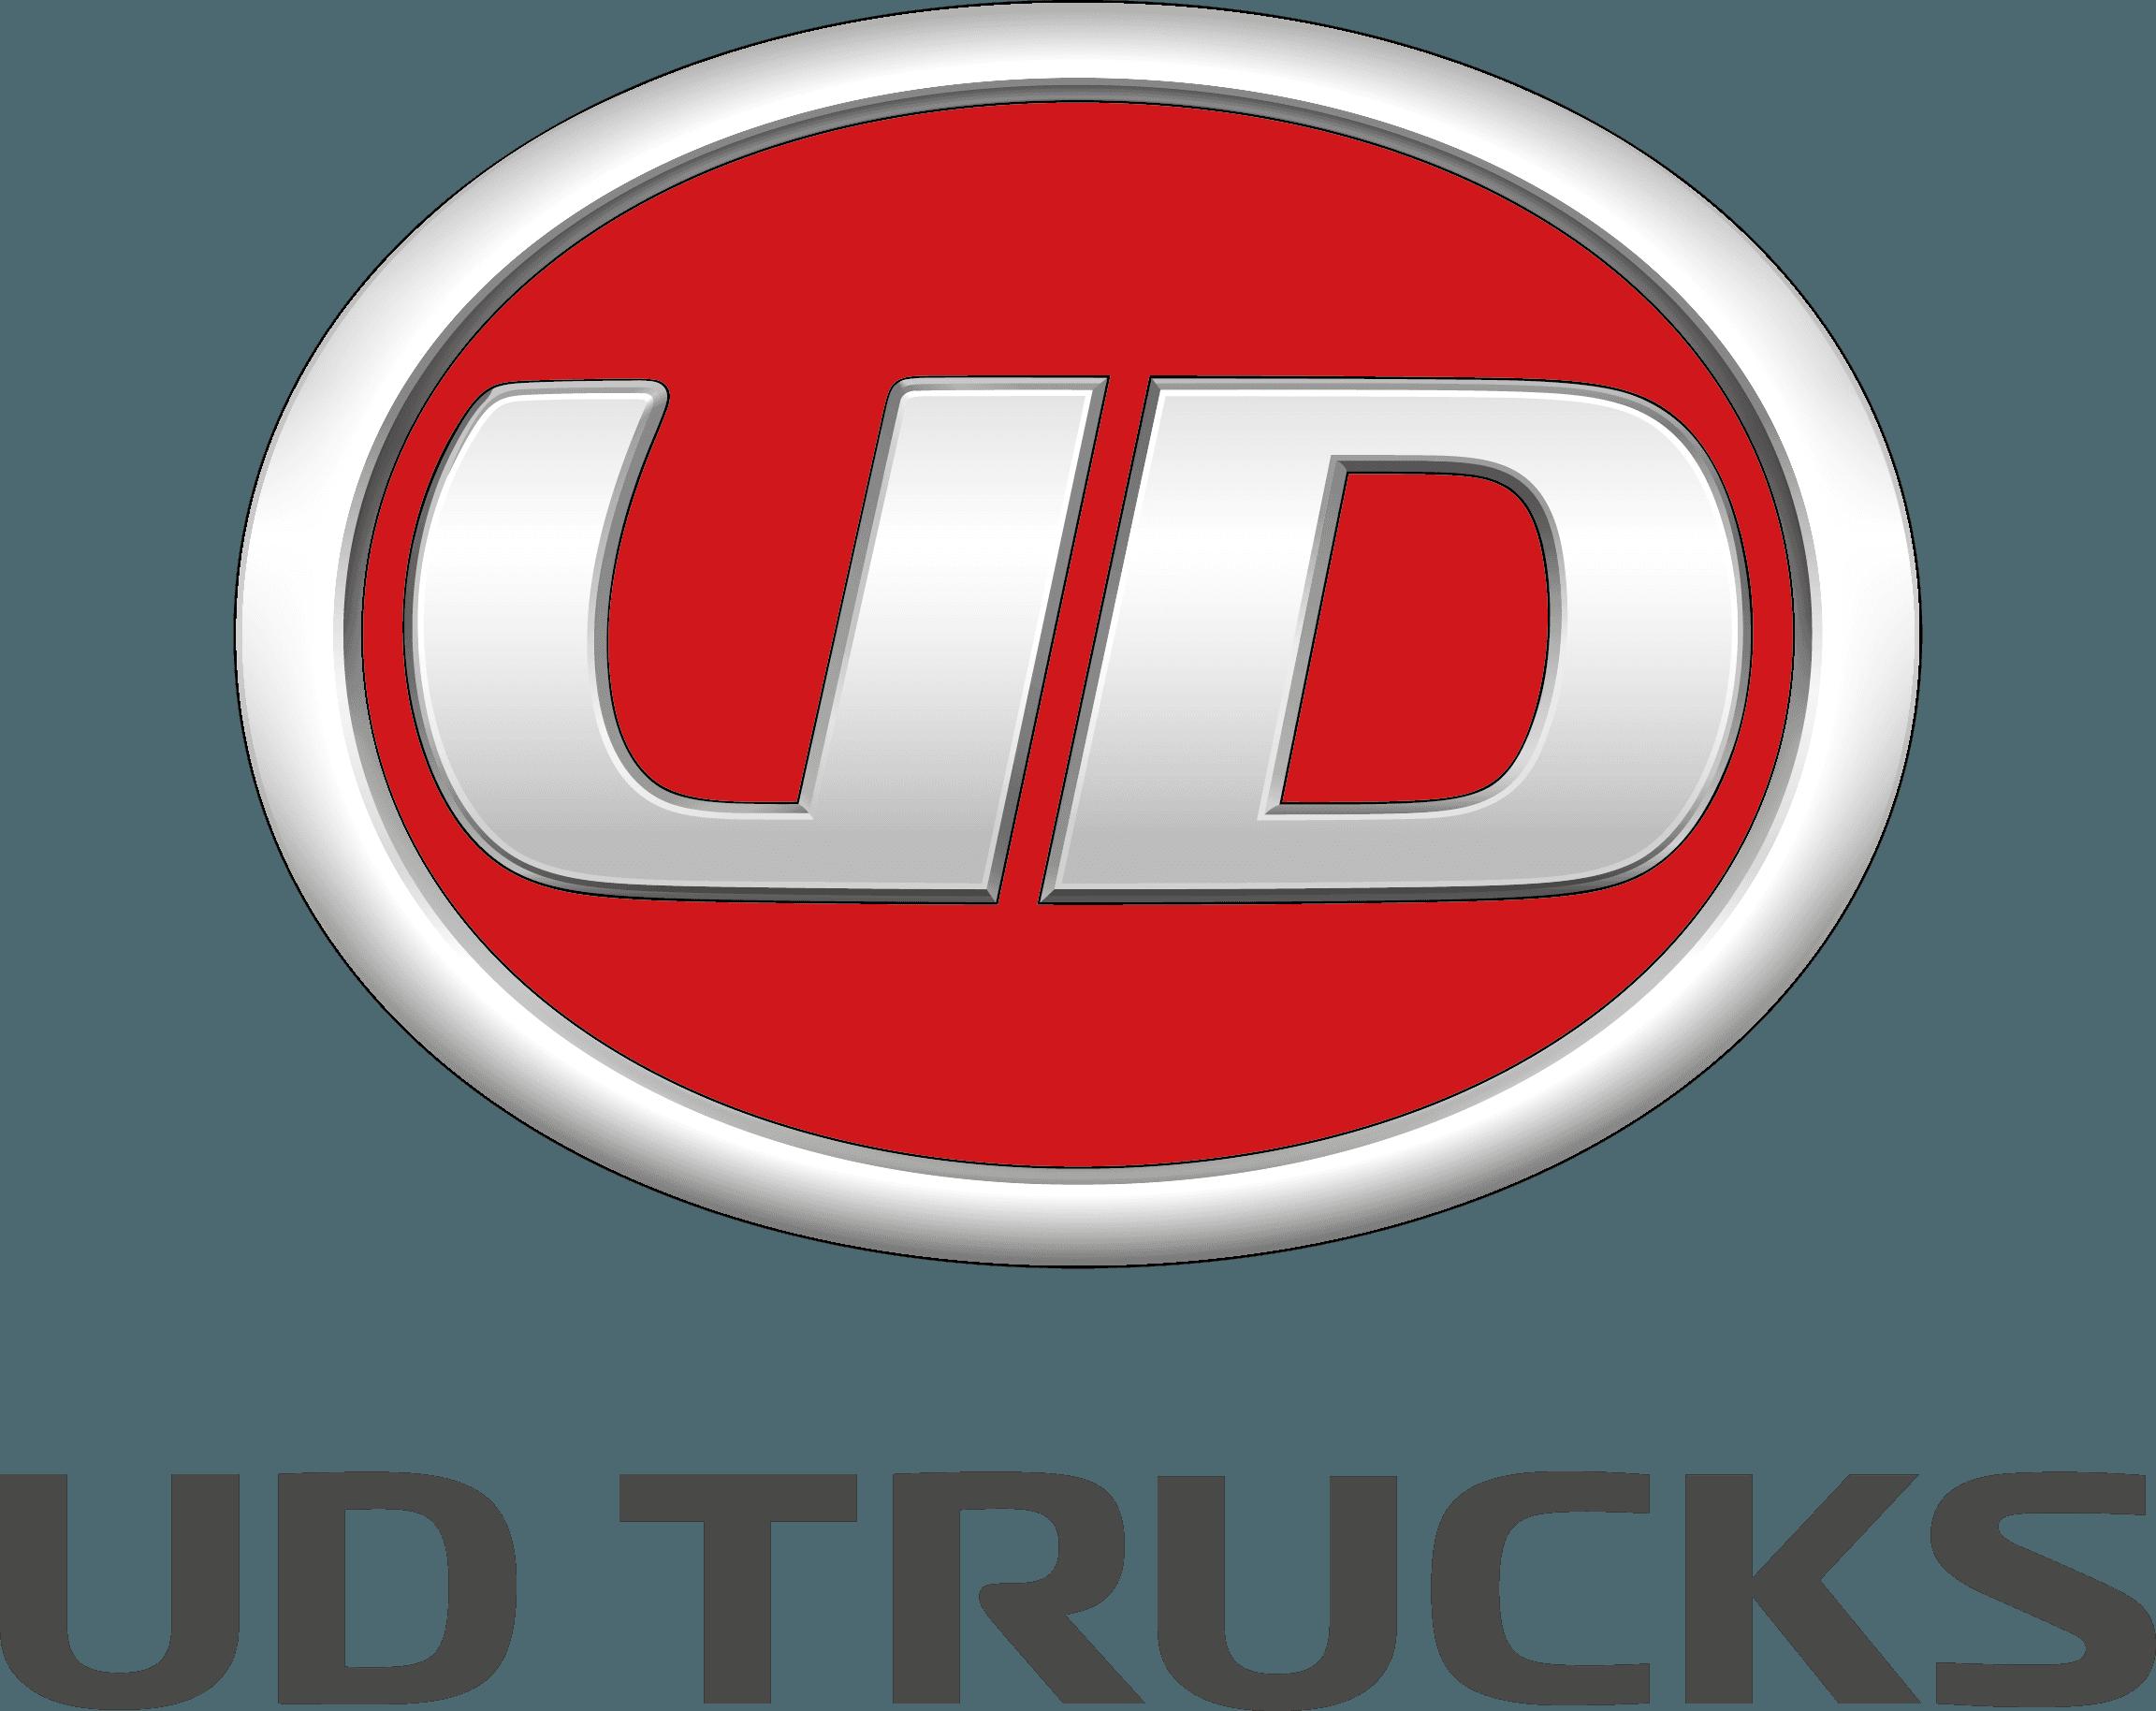 UD Trucks Logo png